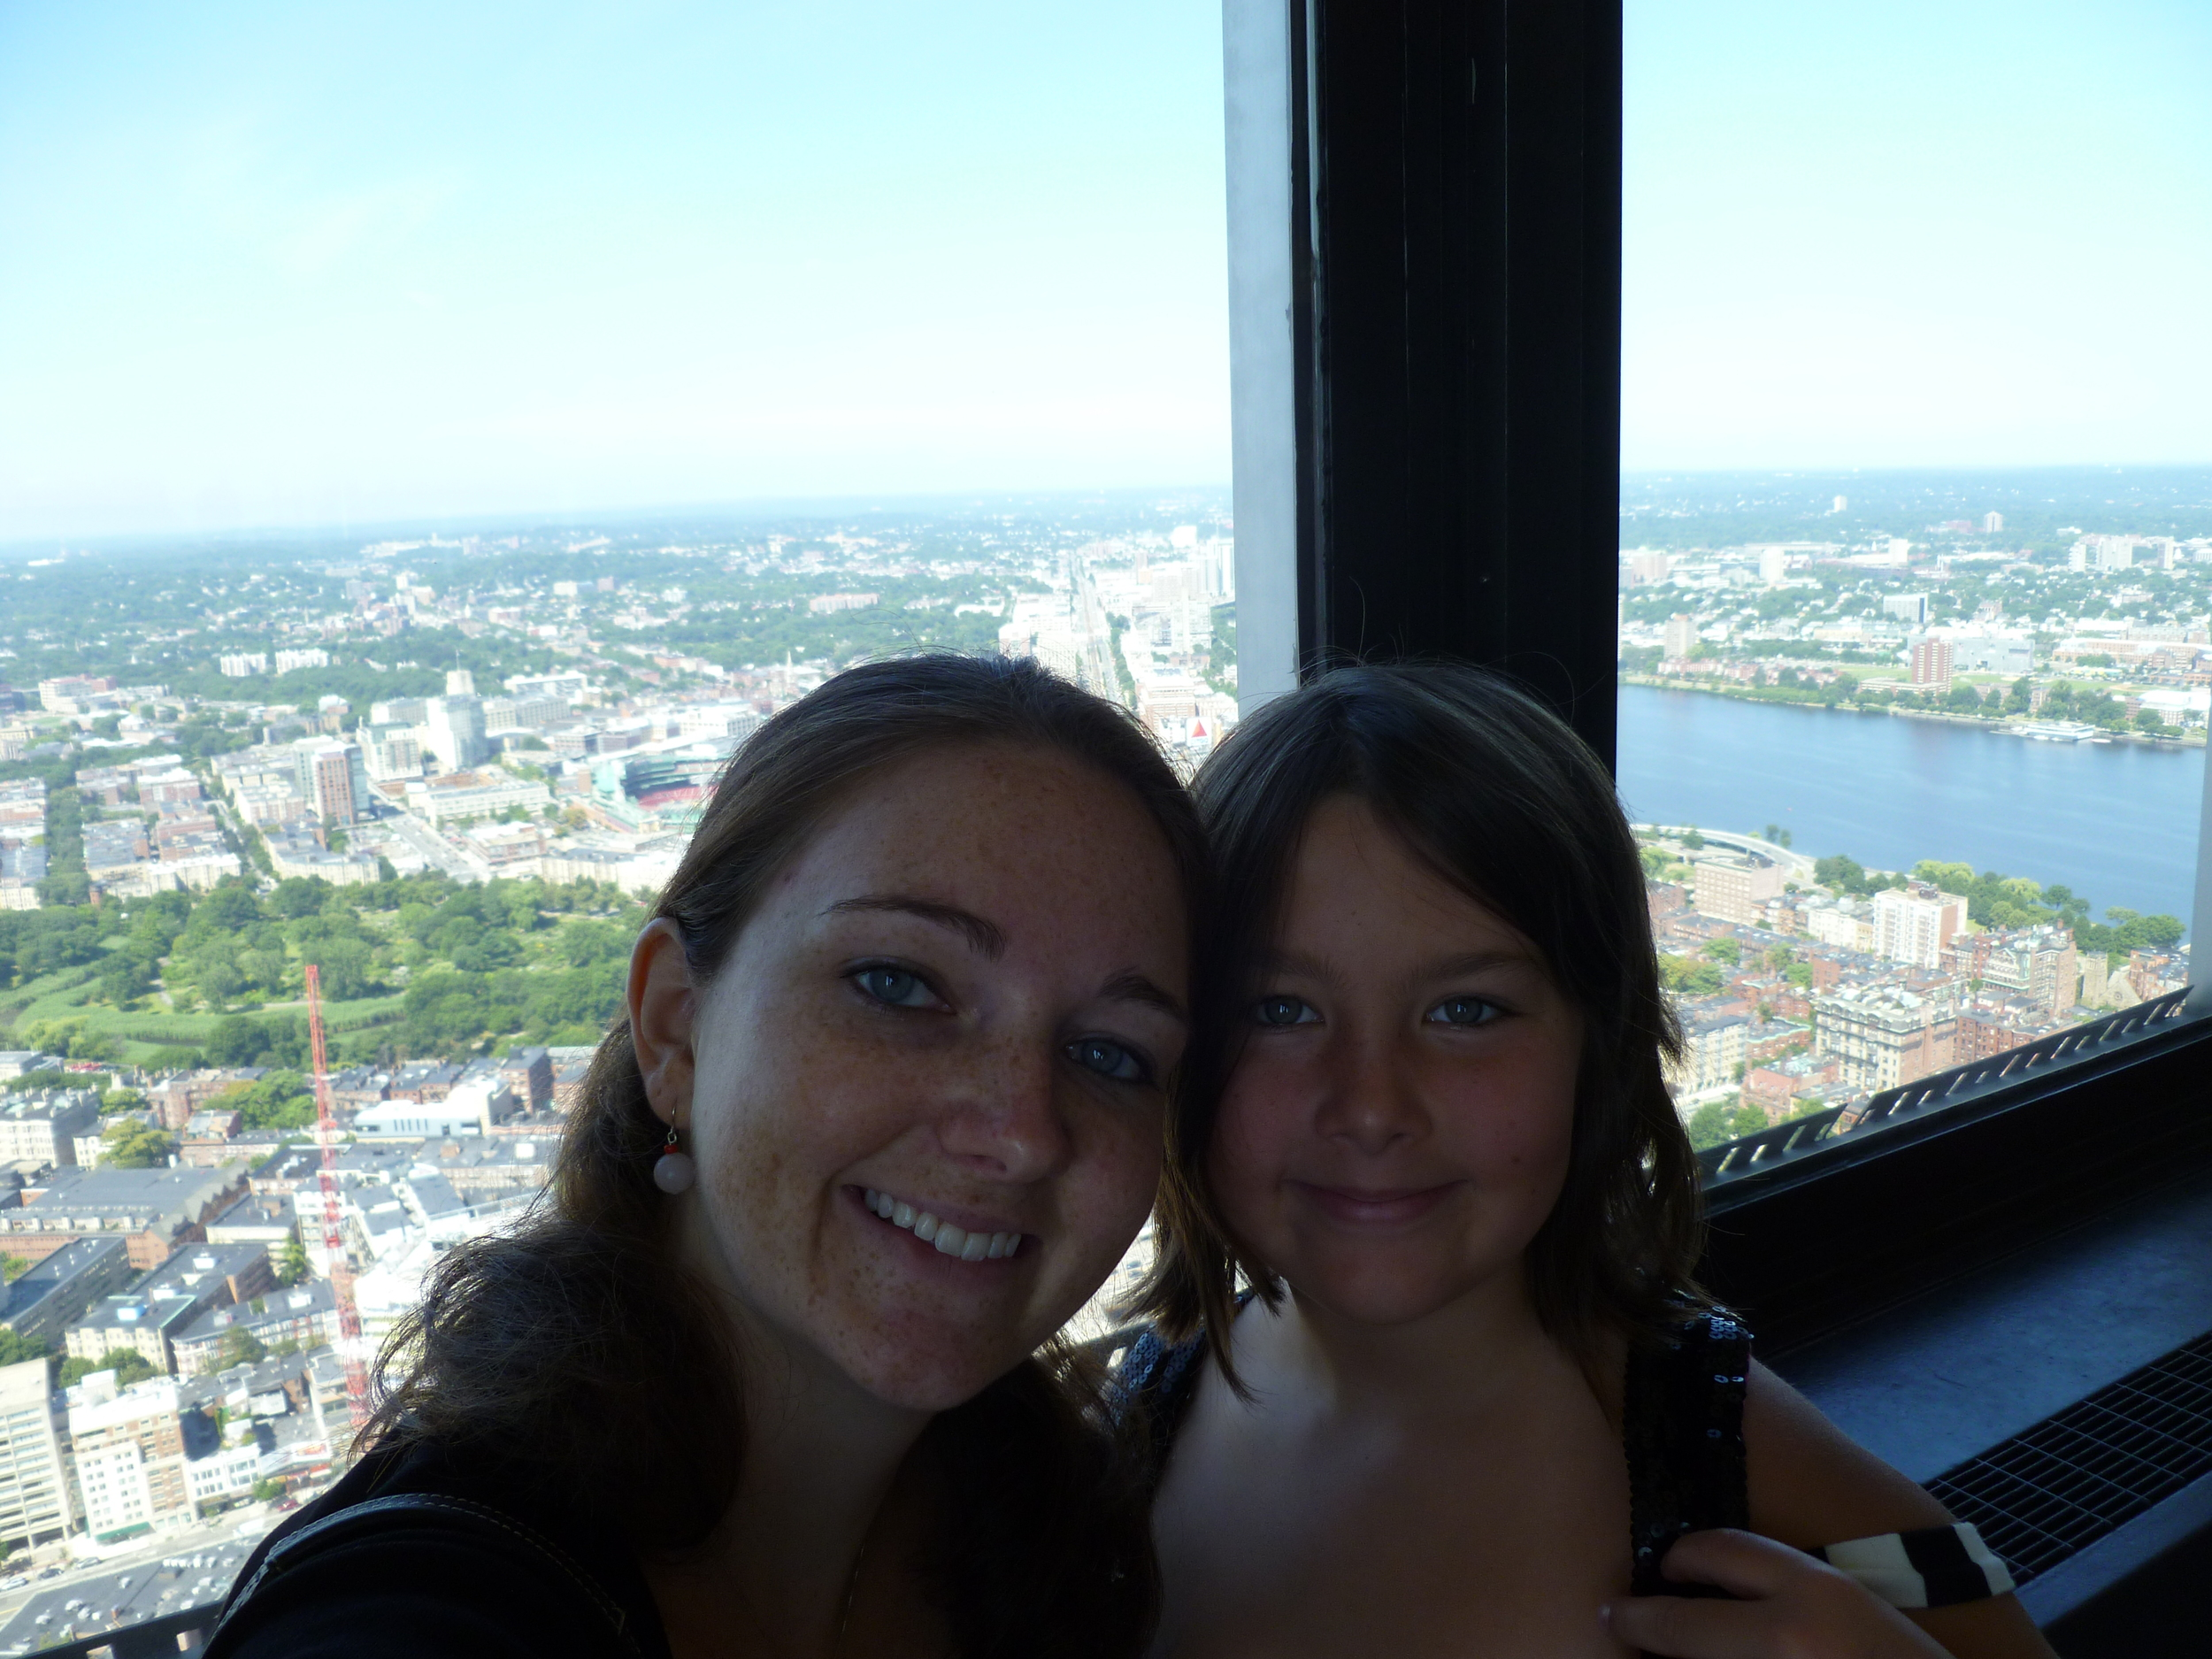 July 2013, My junior bridesmaid Zaida and I visiting the Skywalk